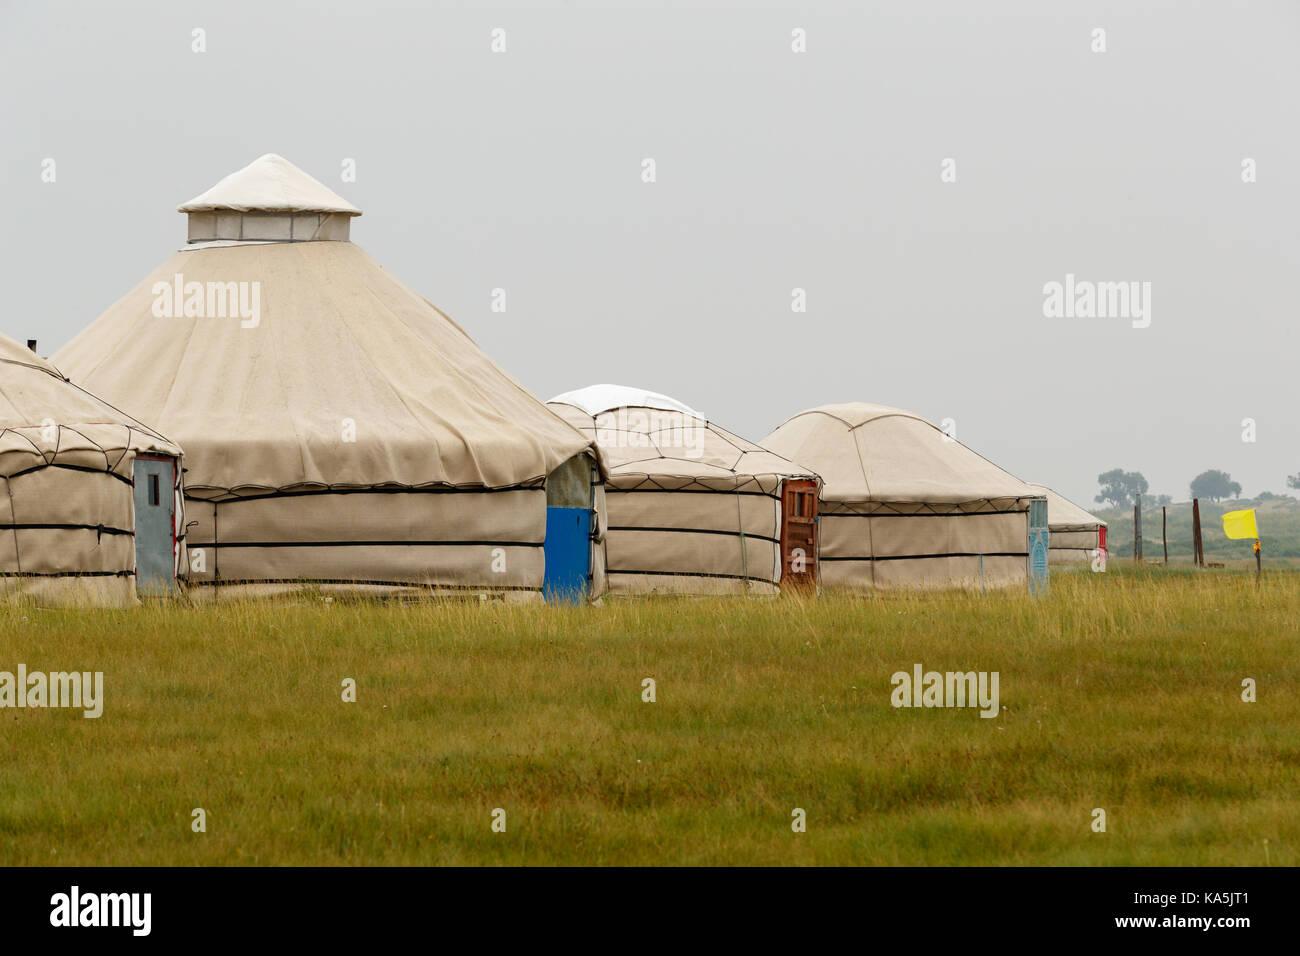 Yurts o tiendas tradicionales en las praderas de Mongolia Imagen De Stock